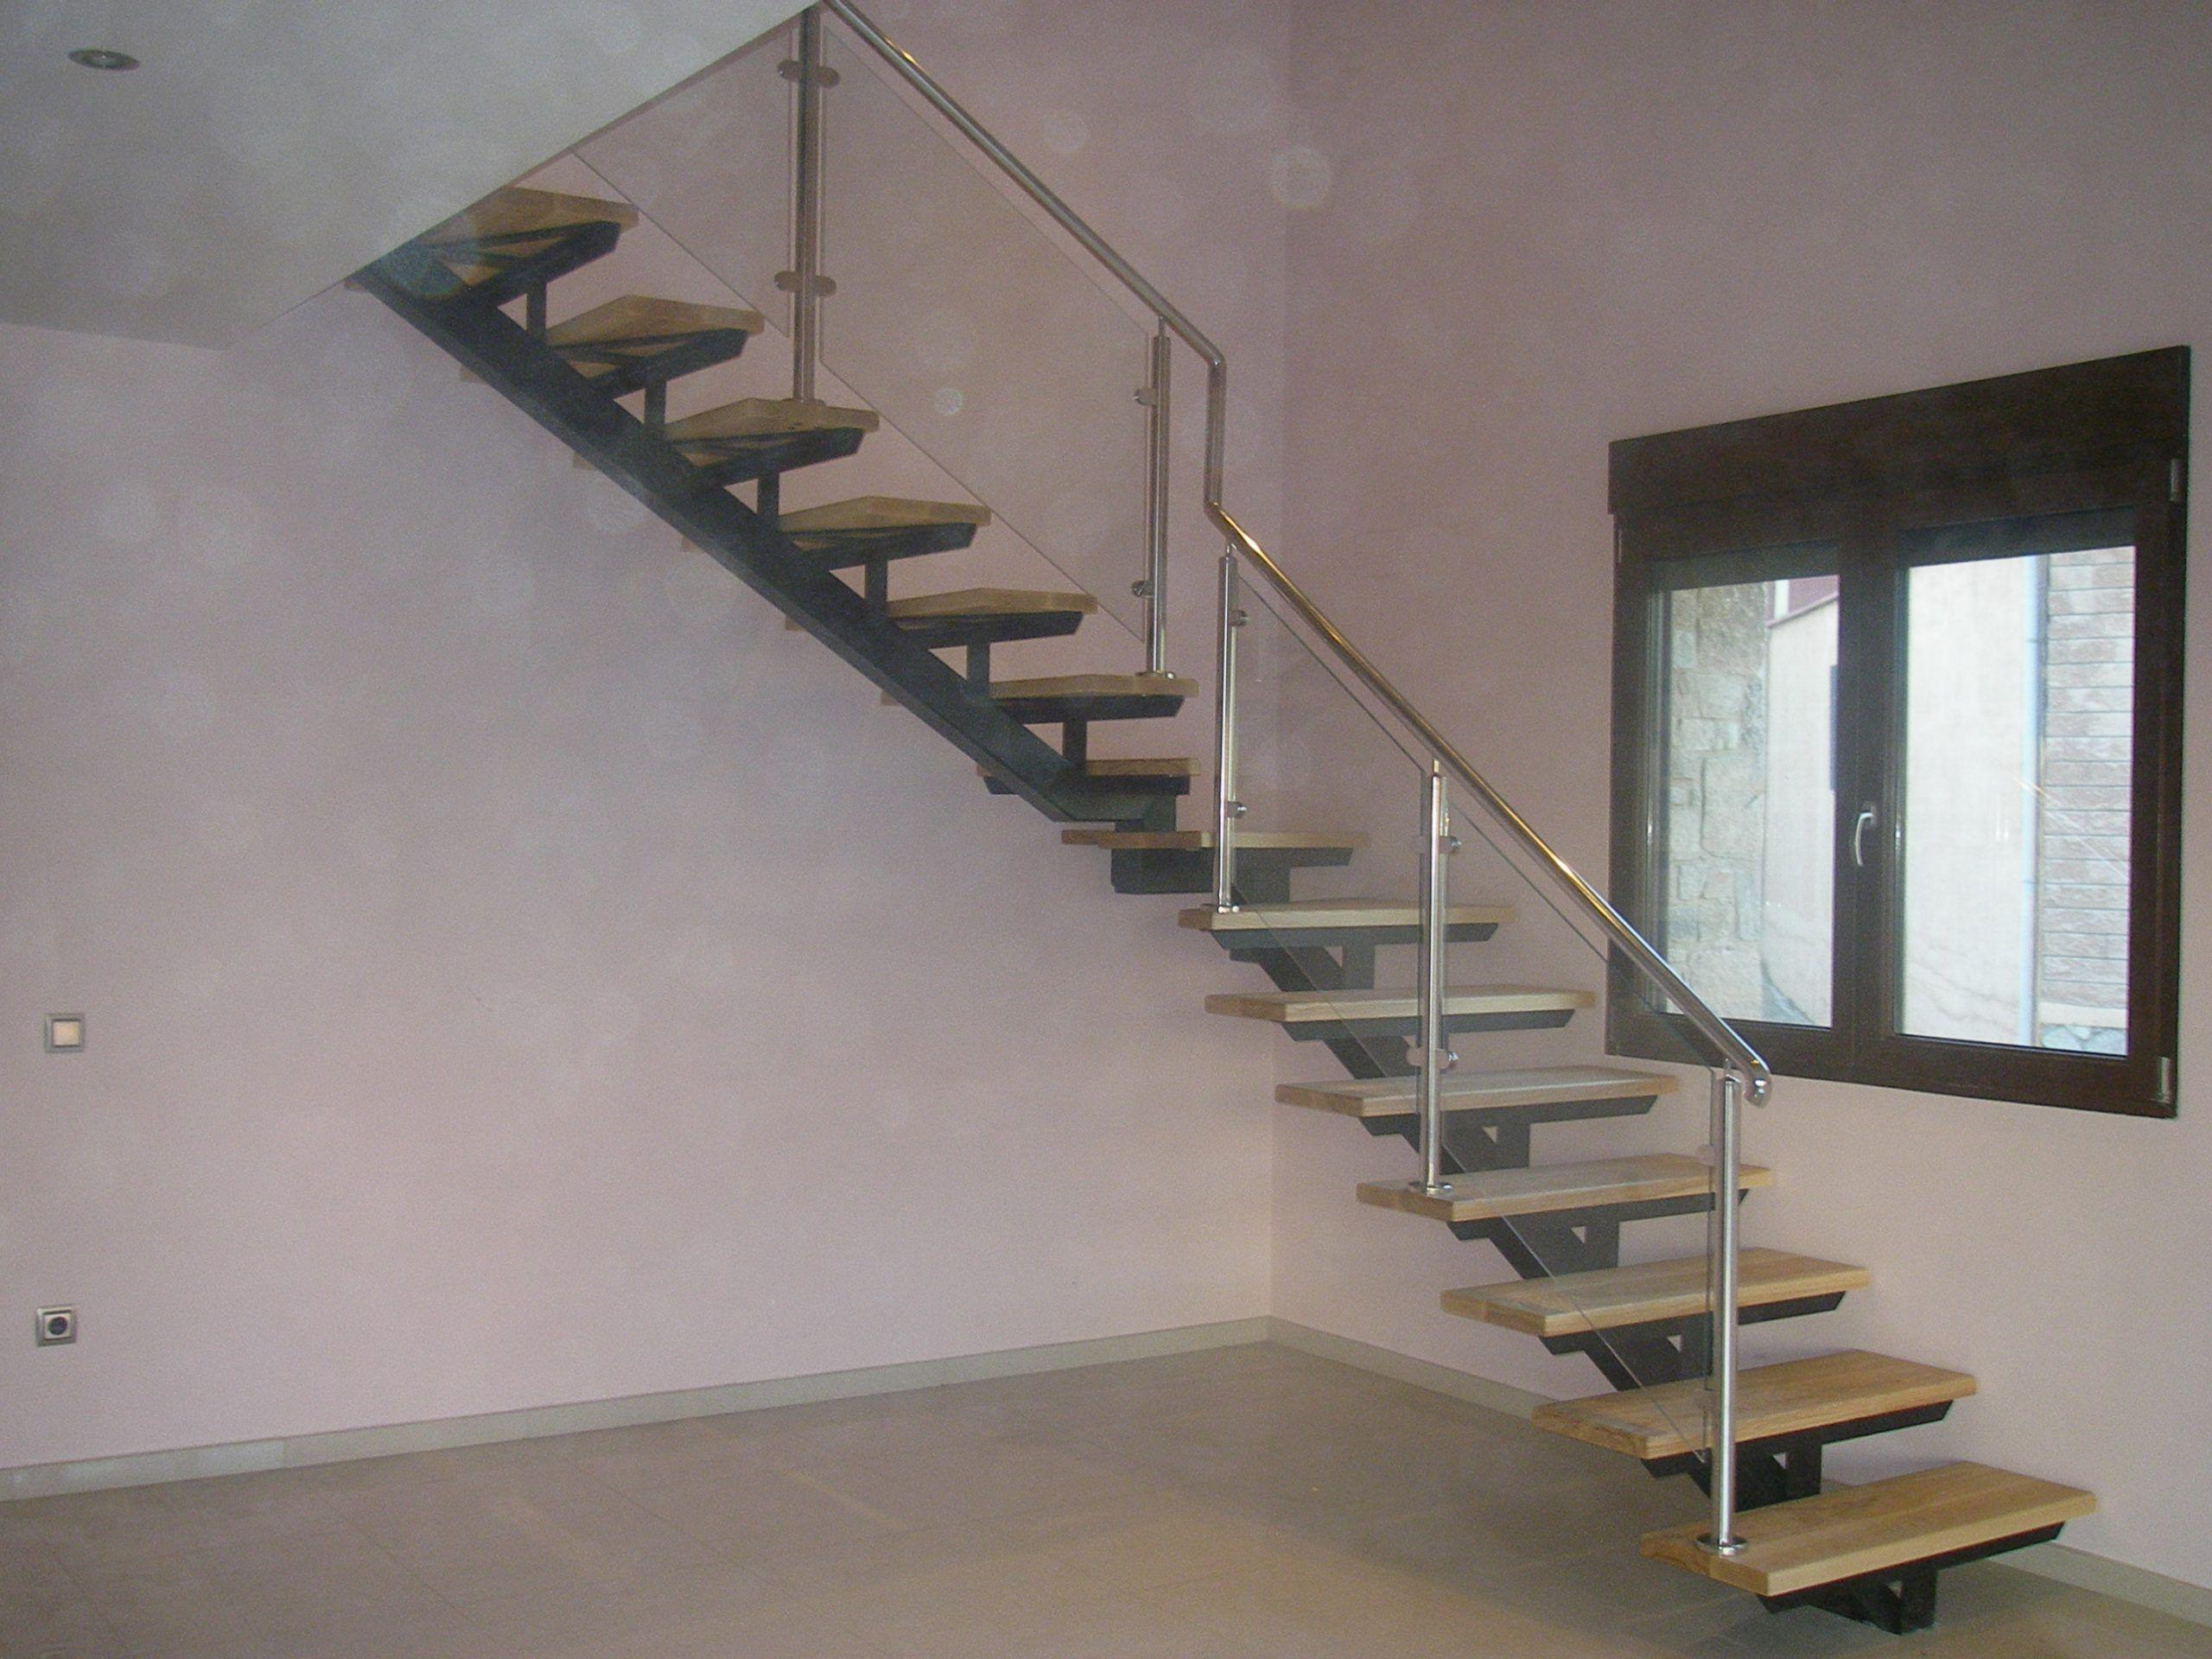 Escalera con pasos de madera y pasamanos en acero inxodable y cristal